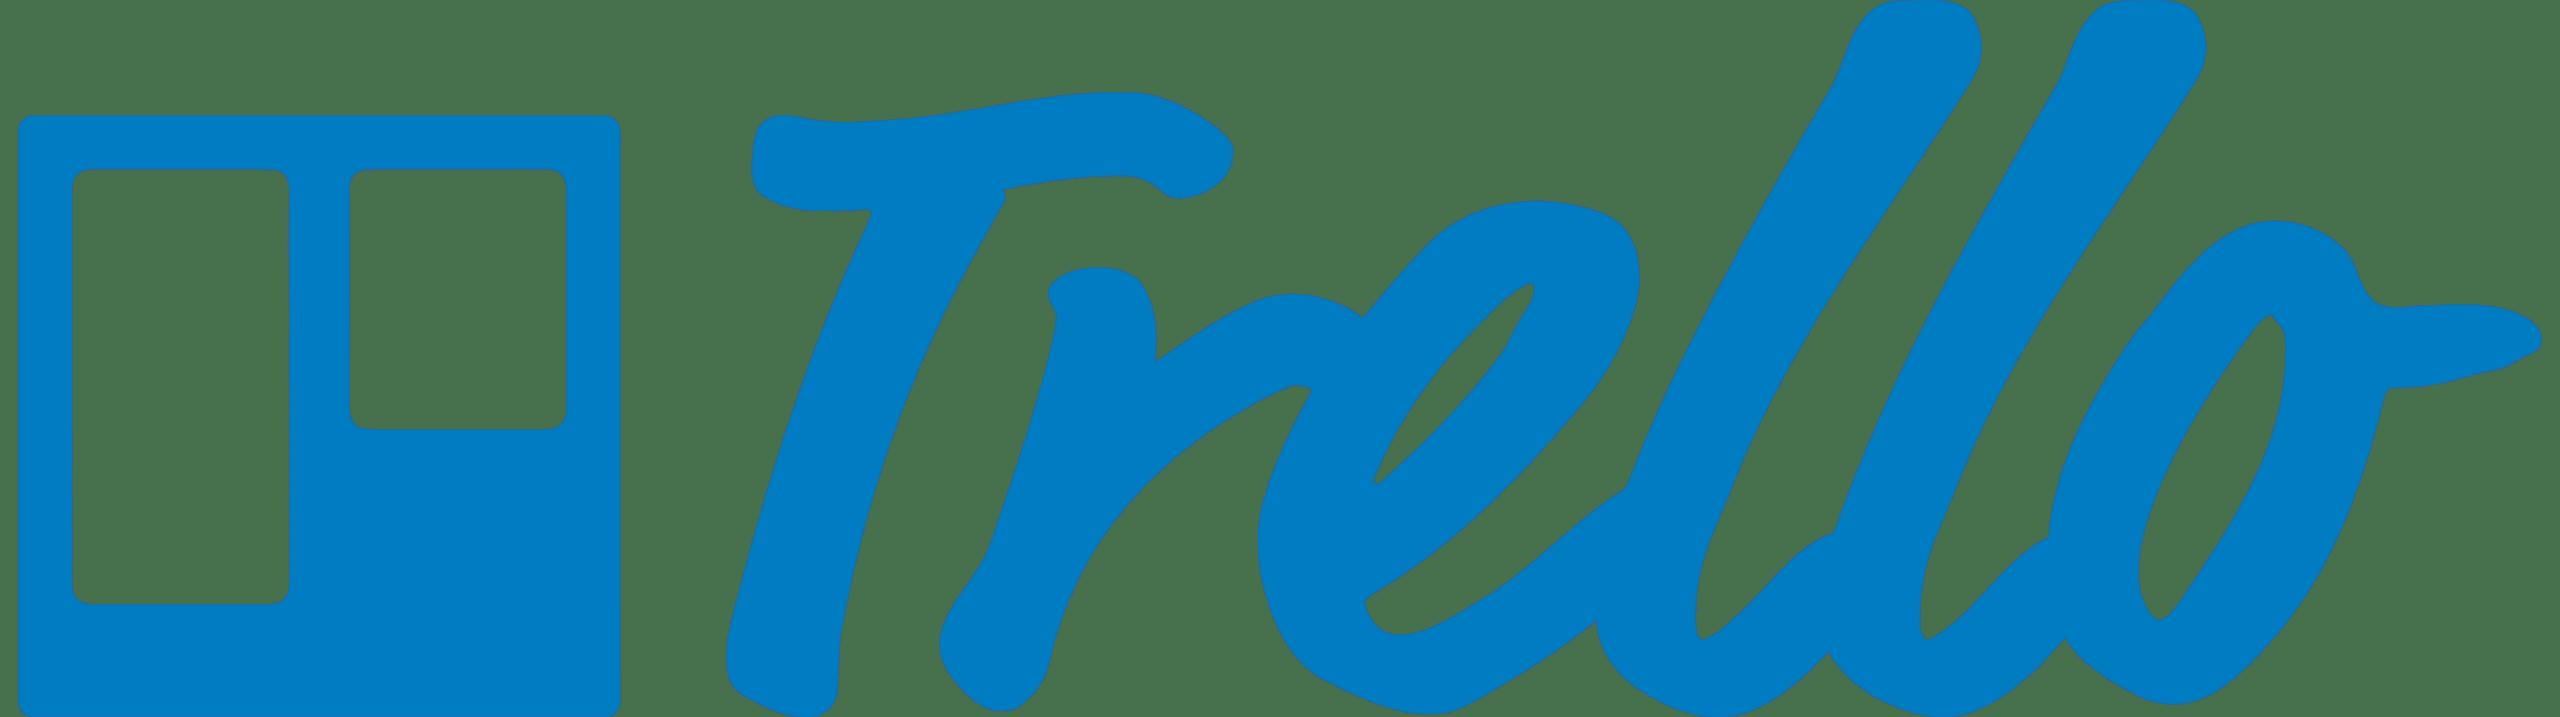 trello online project management platform